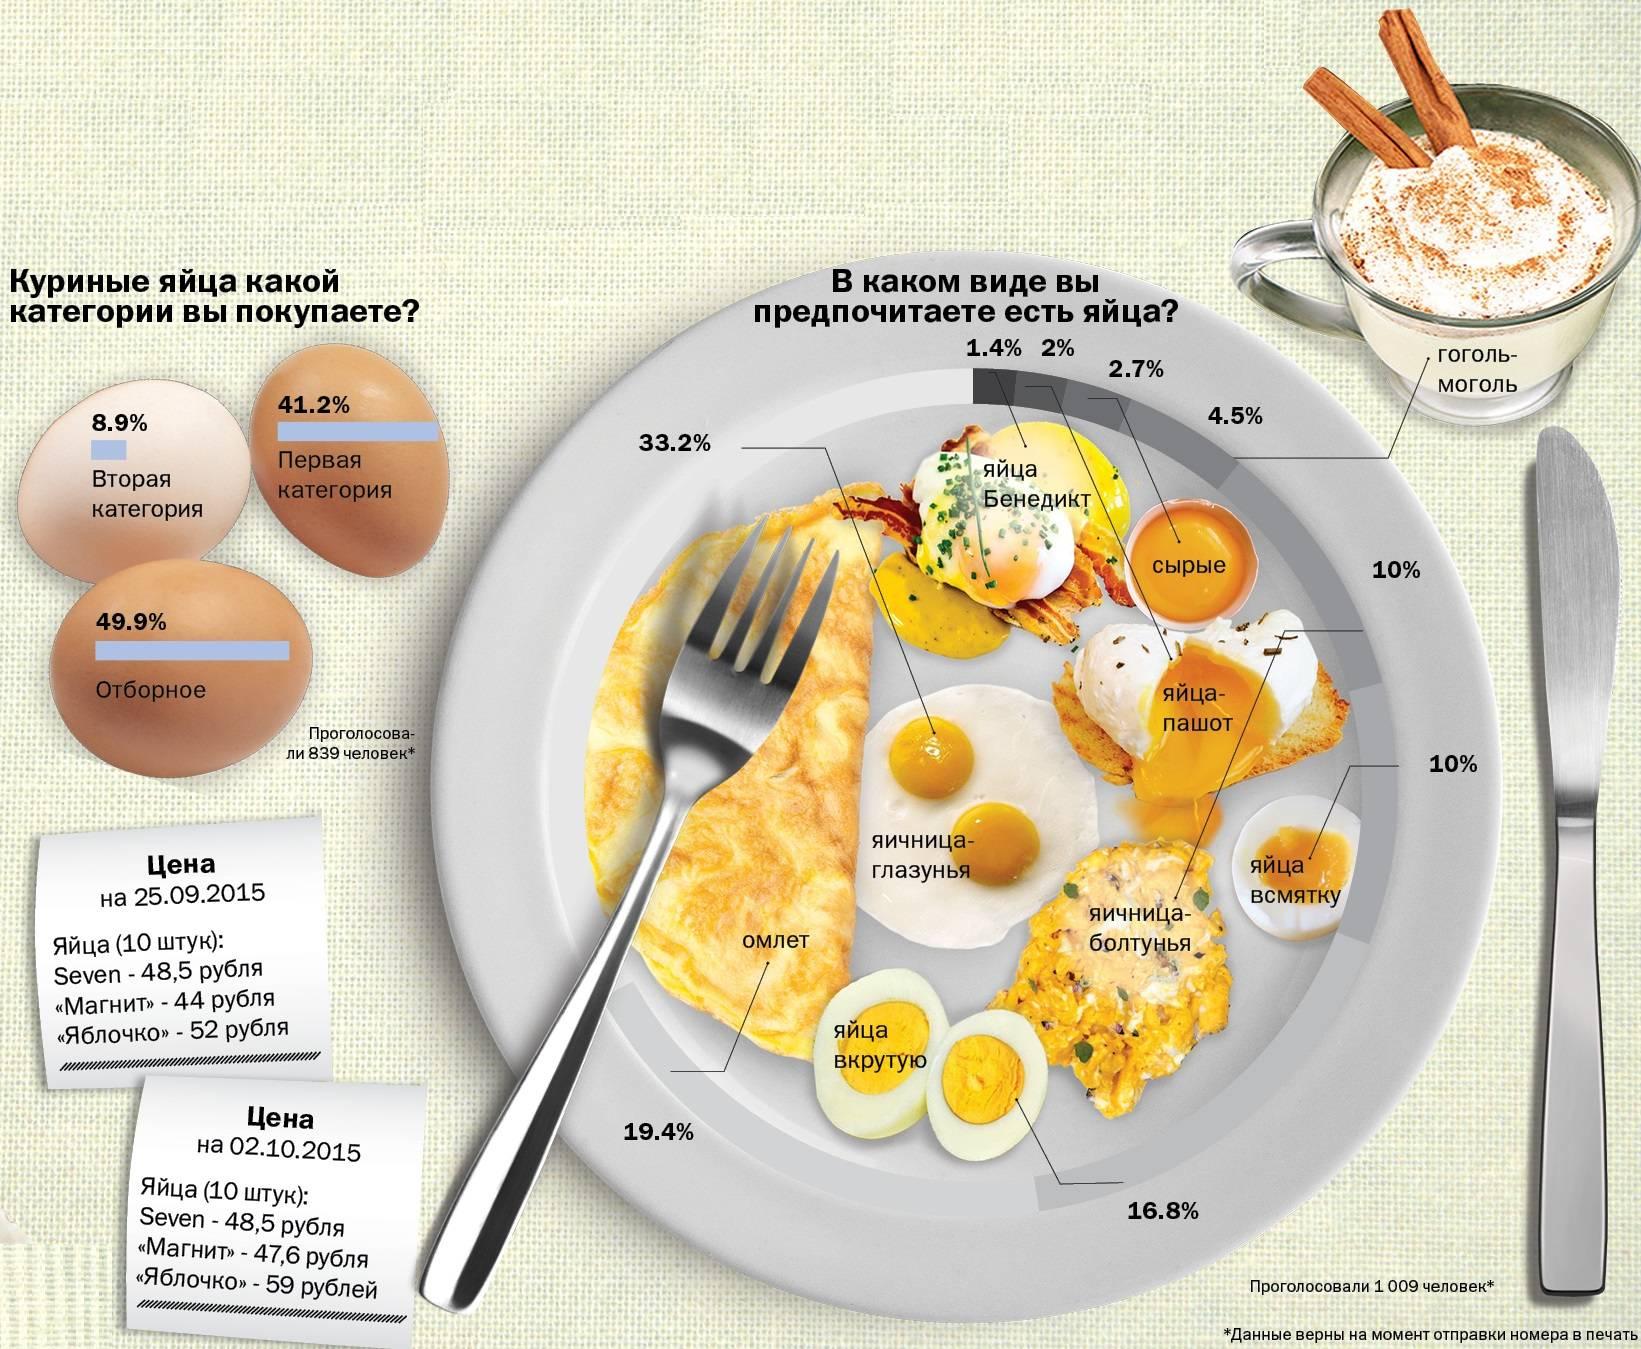 Сколько калорий в яйце - инструкция, применение, отзывы